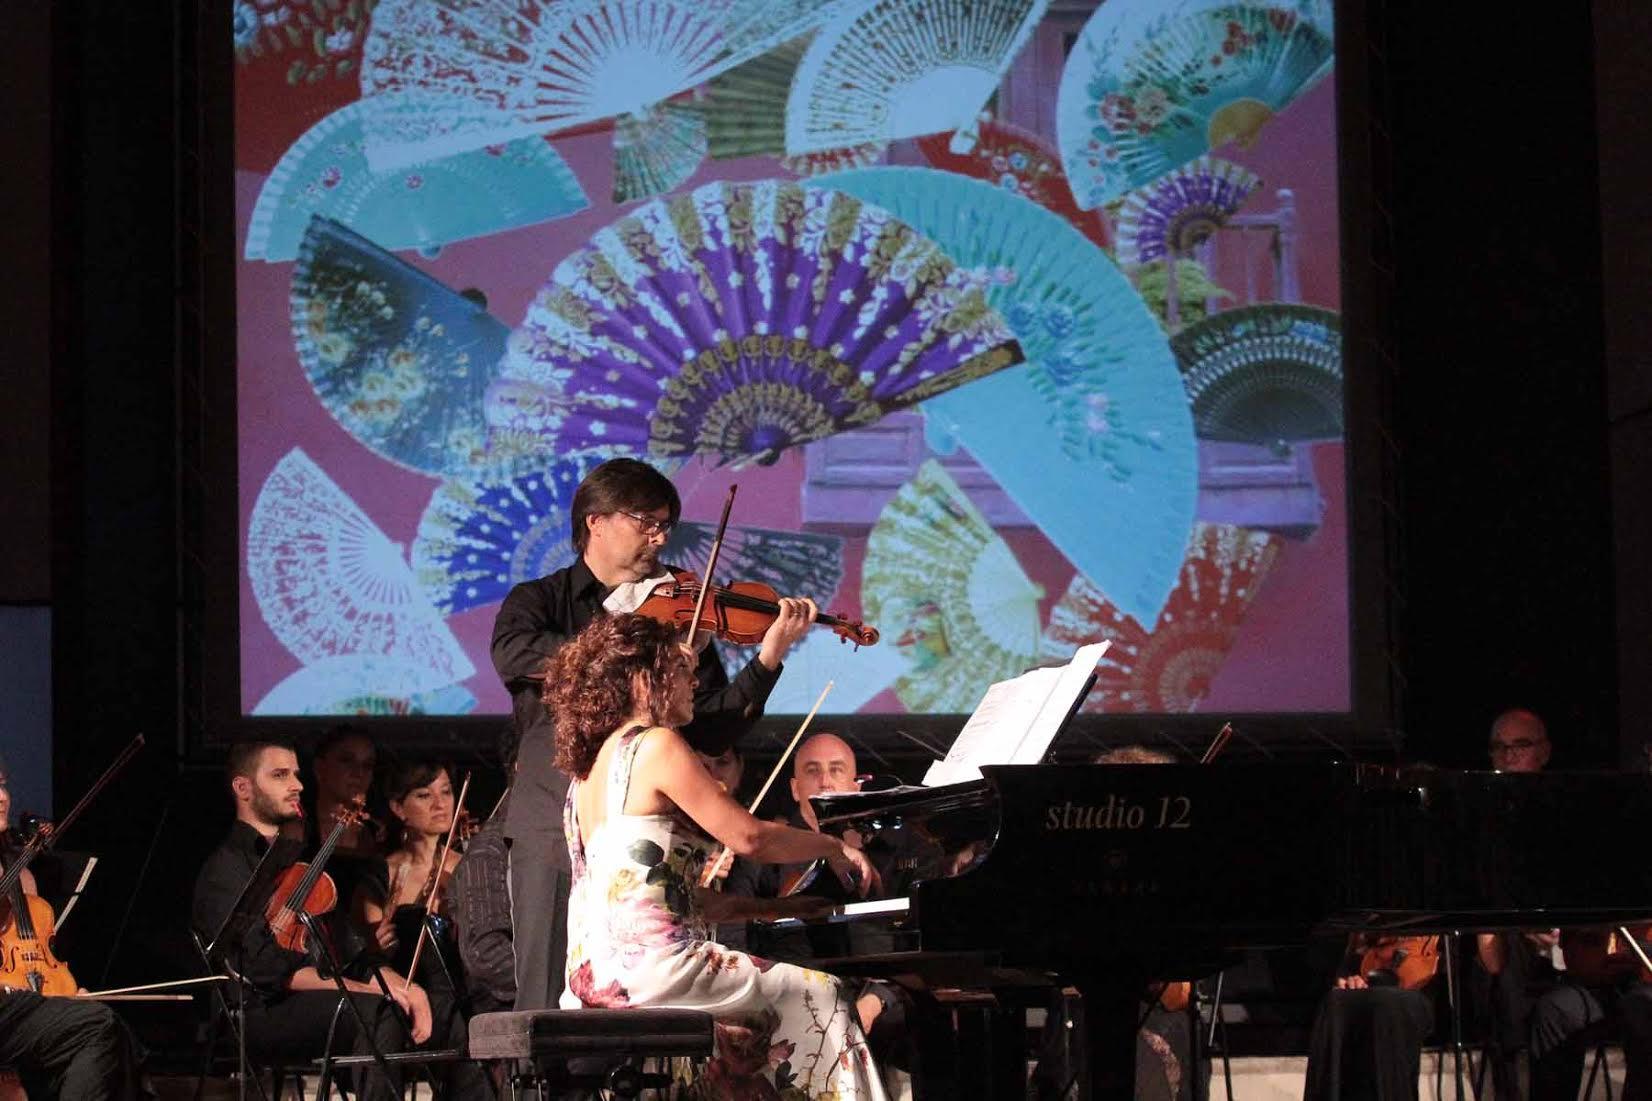 Narnia Festival 2015 Inauguration